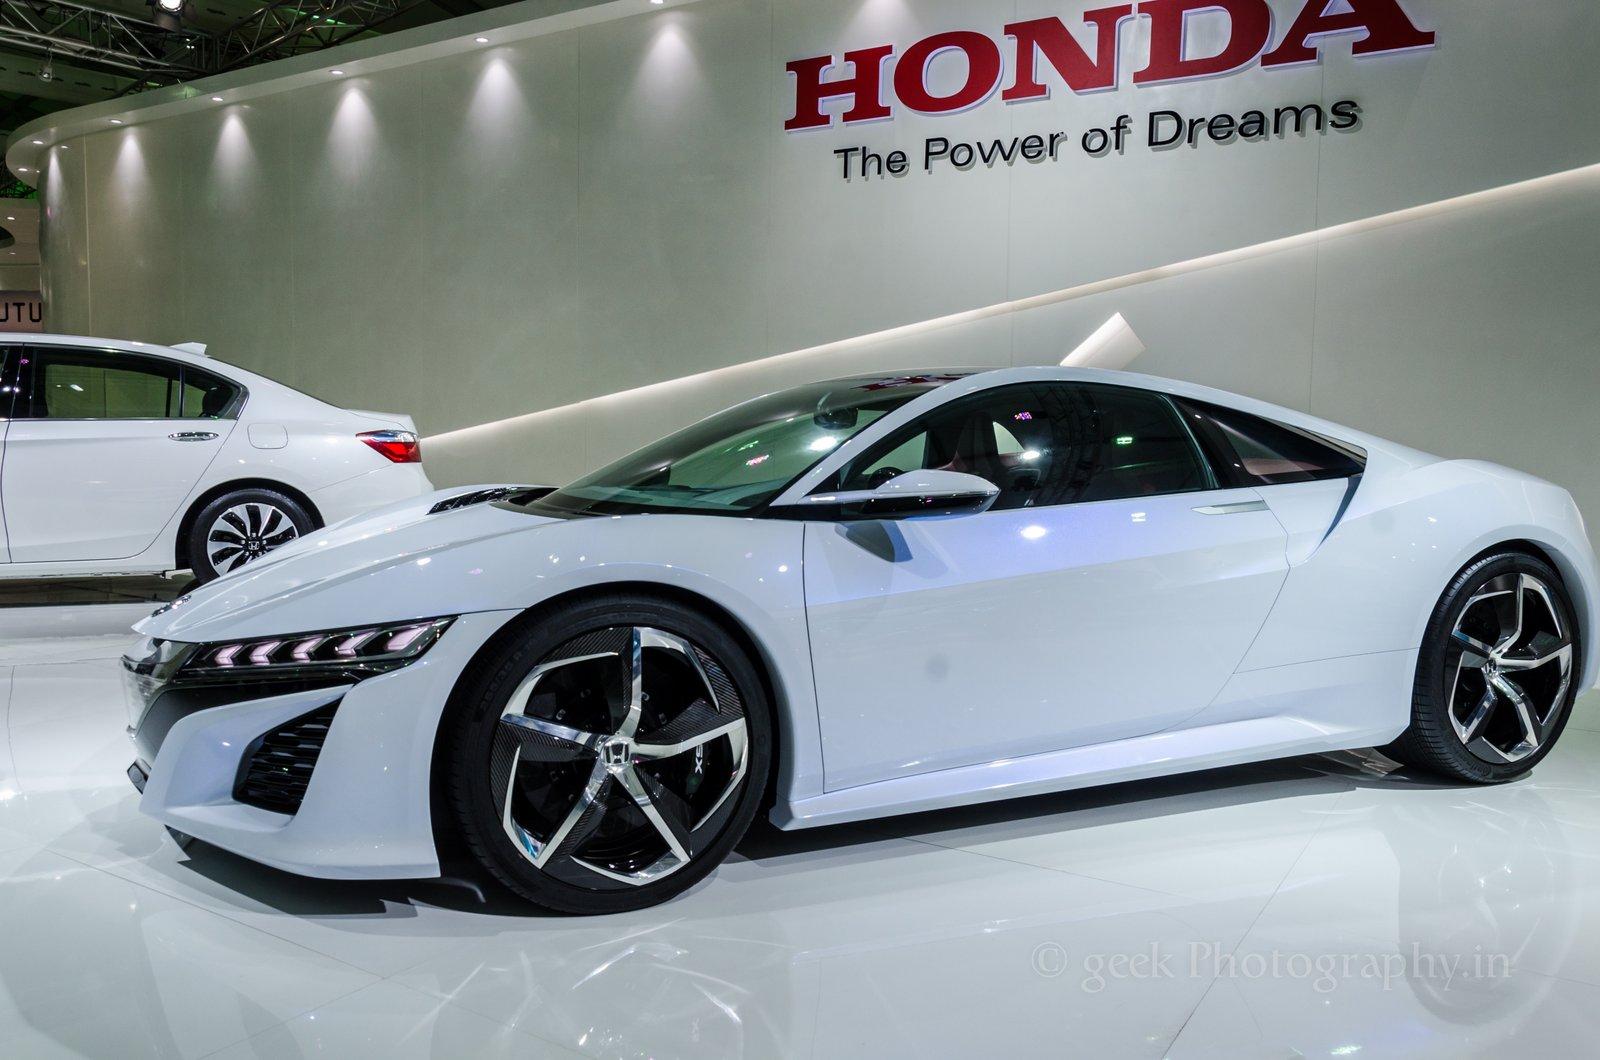 Honda nsx 2014